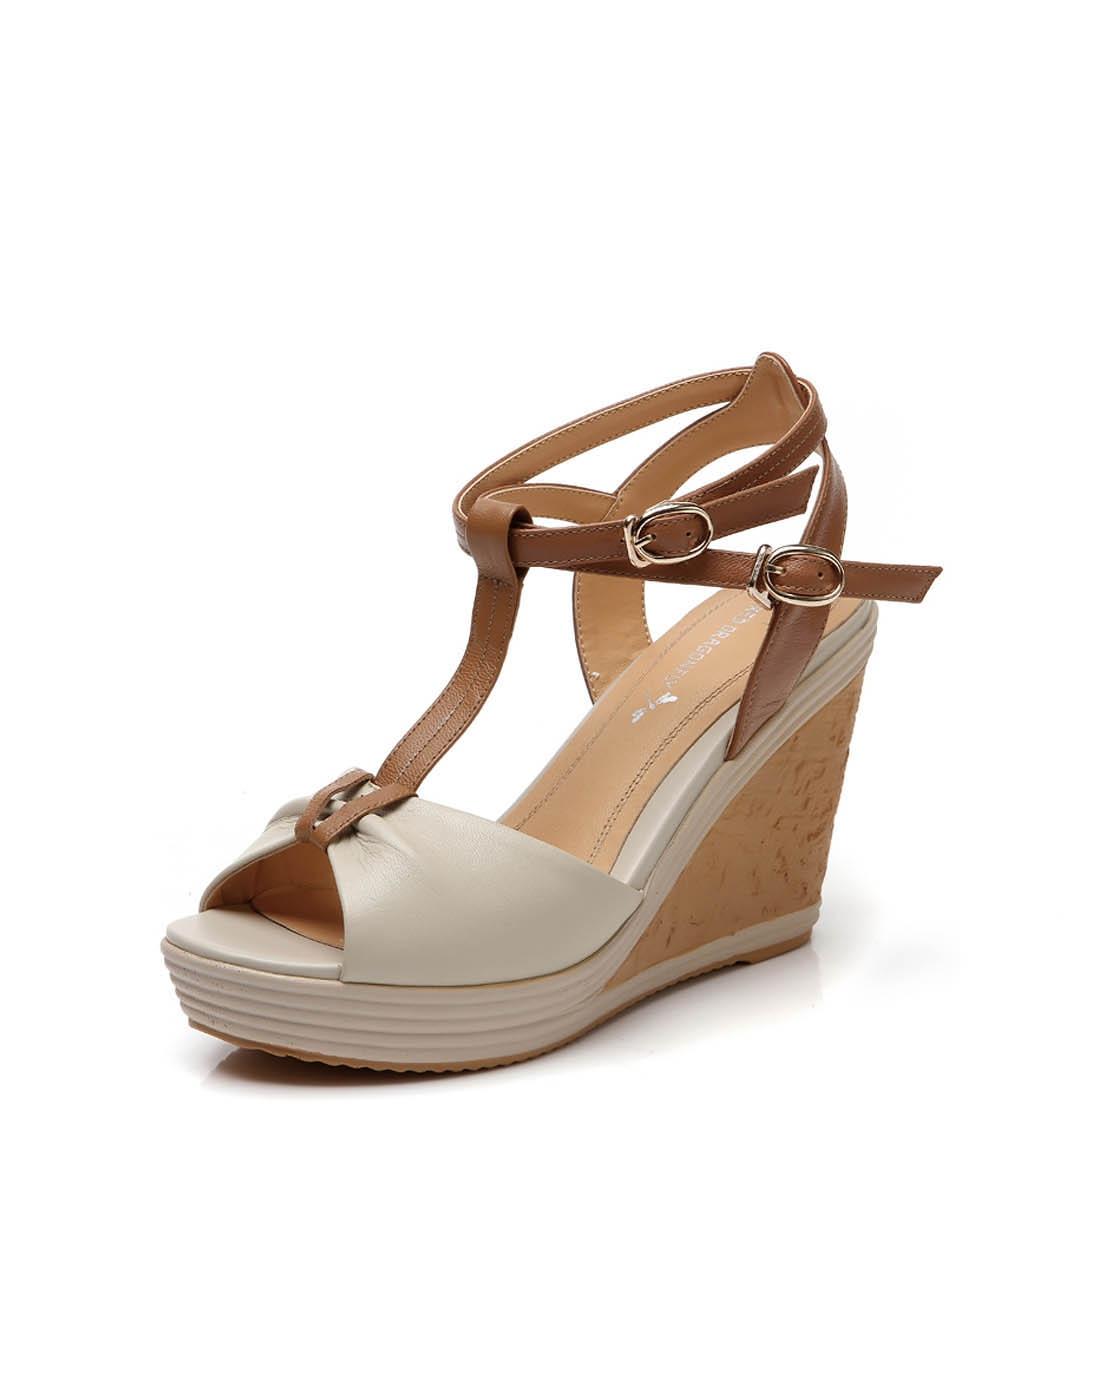 2014夏季新款牛皮米白色女凉鞋